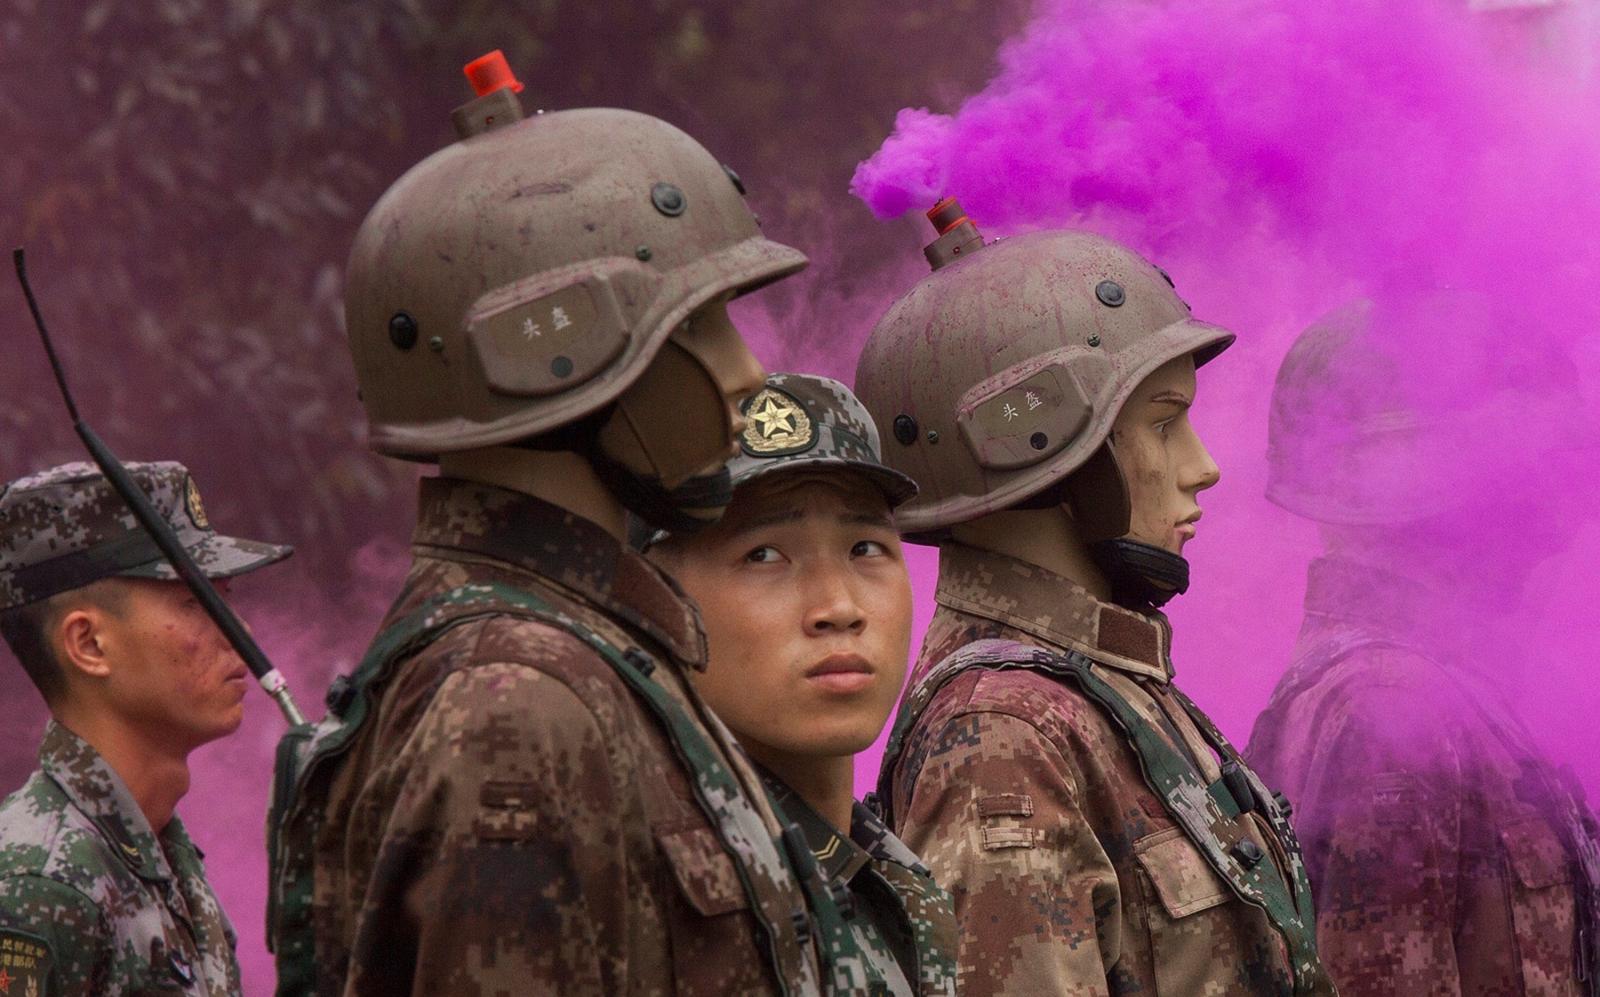 Żołnierz Chińskiej Armii Ludowo-Wyzwoleńczej patrzy na figury żołnierzy.